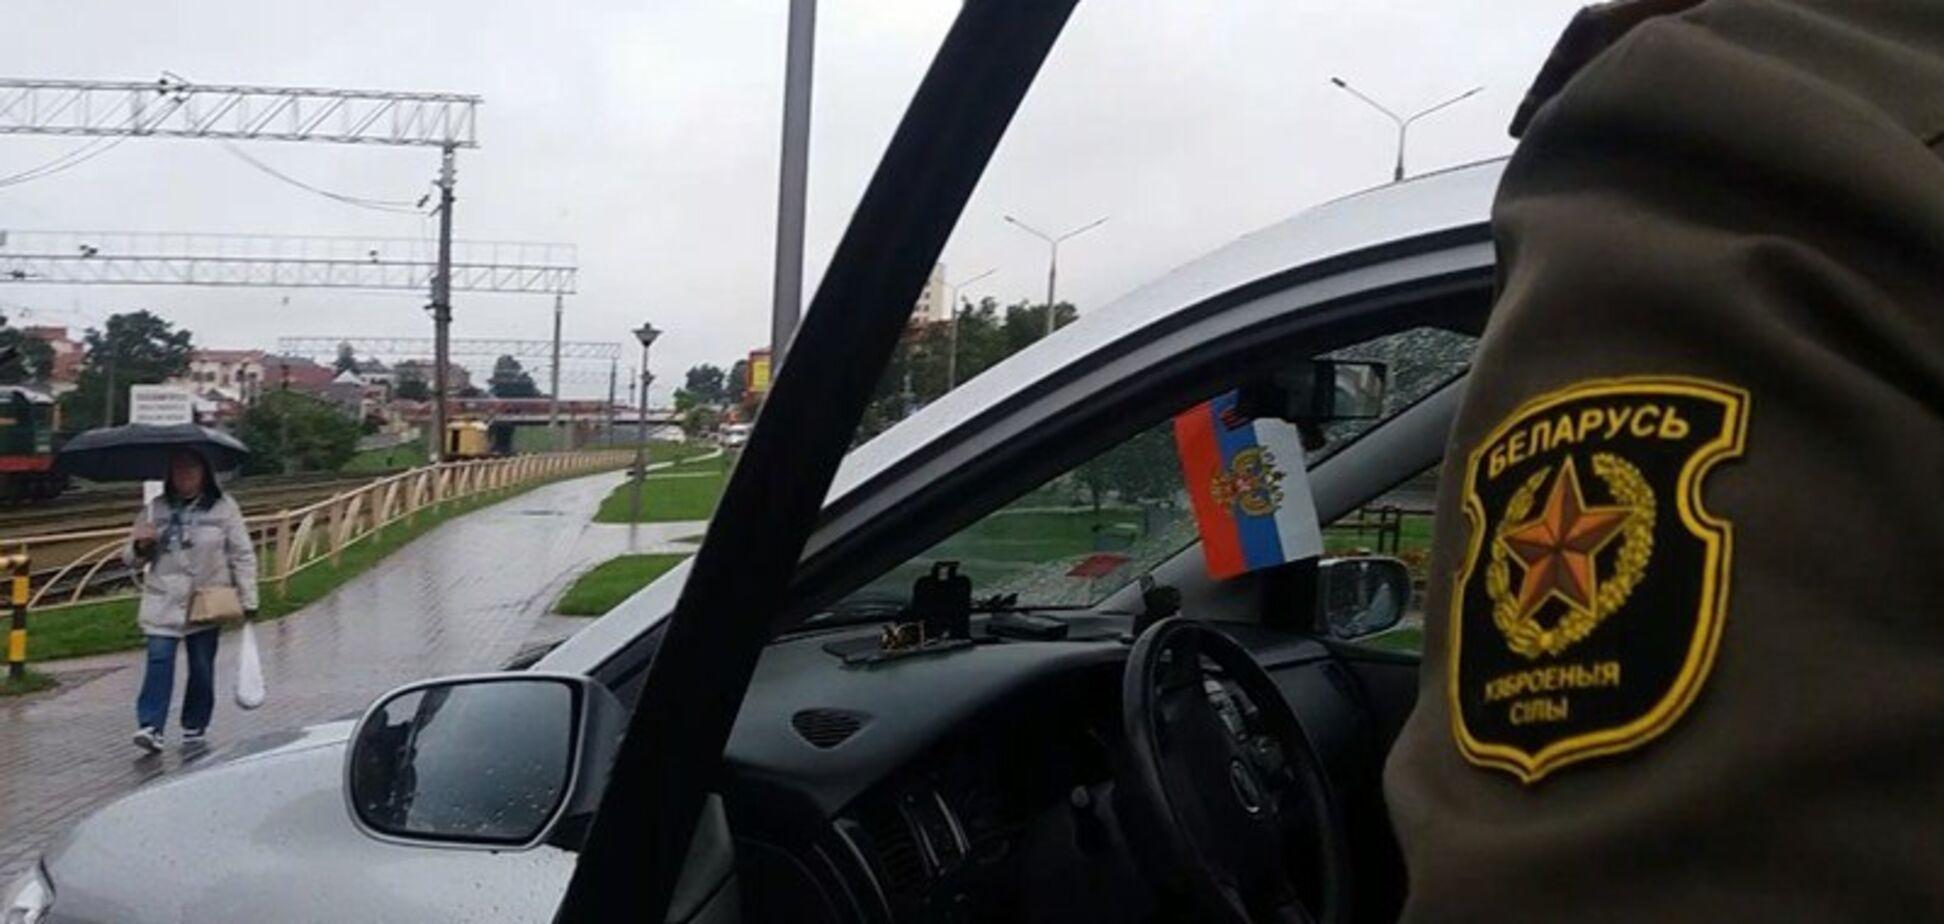 'Під штанами кальсони армії Росії?' Мережу обурив білоруський офіцер із триколором